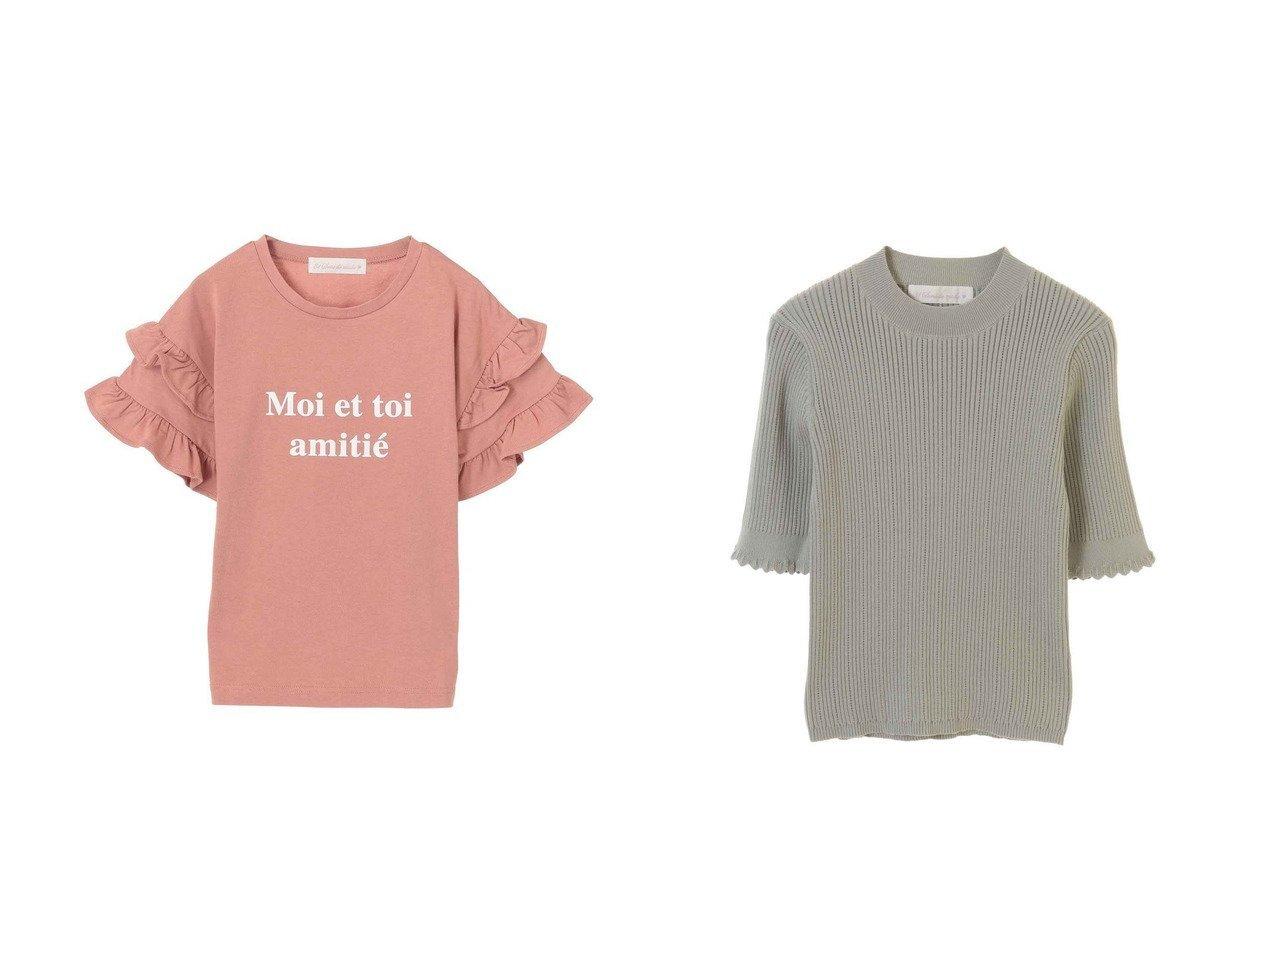 【31 Sons de mode/トランテアン ソン ドゥ モード】のフリルスリーブロゴT&リブモックネックニット トランテアン ソン ドゥ モードのおすすめ!人気、トレンド・レディースファッションの通販  おすすめで人気の流行・トレンド、ファッションの通販商品 メンズファッション・キッズファッション・インテリア・家具・レディースファッション・服の通販 founy(ファニー) https://founy.com/ ファッション Fashion レディースファッション WOMEN トップス カットソー Tops Tshirt シャツ/ブラウス Shirts Blouses ロング / Tシャツ T-Shirts カットソー Cut and Sewn ニット Knit Tops プルオーバー Pullover 2021年 2021 2021 春夏 S/S SS Spring/Summer 2021 S/S 春夏 SS Spring/Summer インナー キャミワンピース ショート ジャケット スリーブ ダウン バランス フリル フレア フロント 春 Spring |ID:crp329100000021083